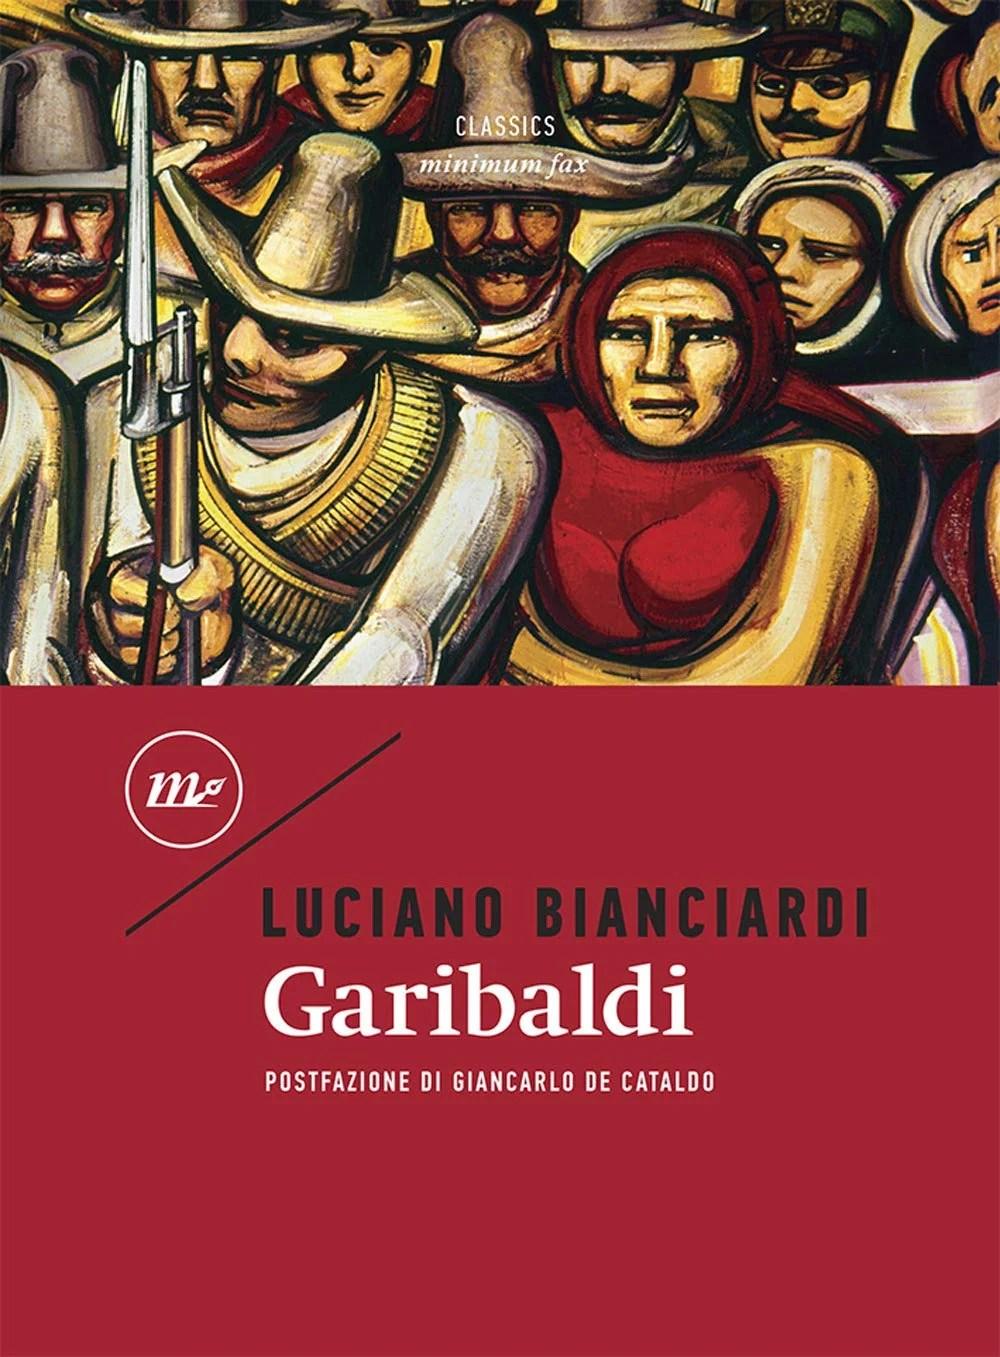 Recensione di Garibaldi – Luciano Bianciardi